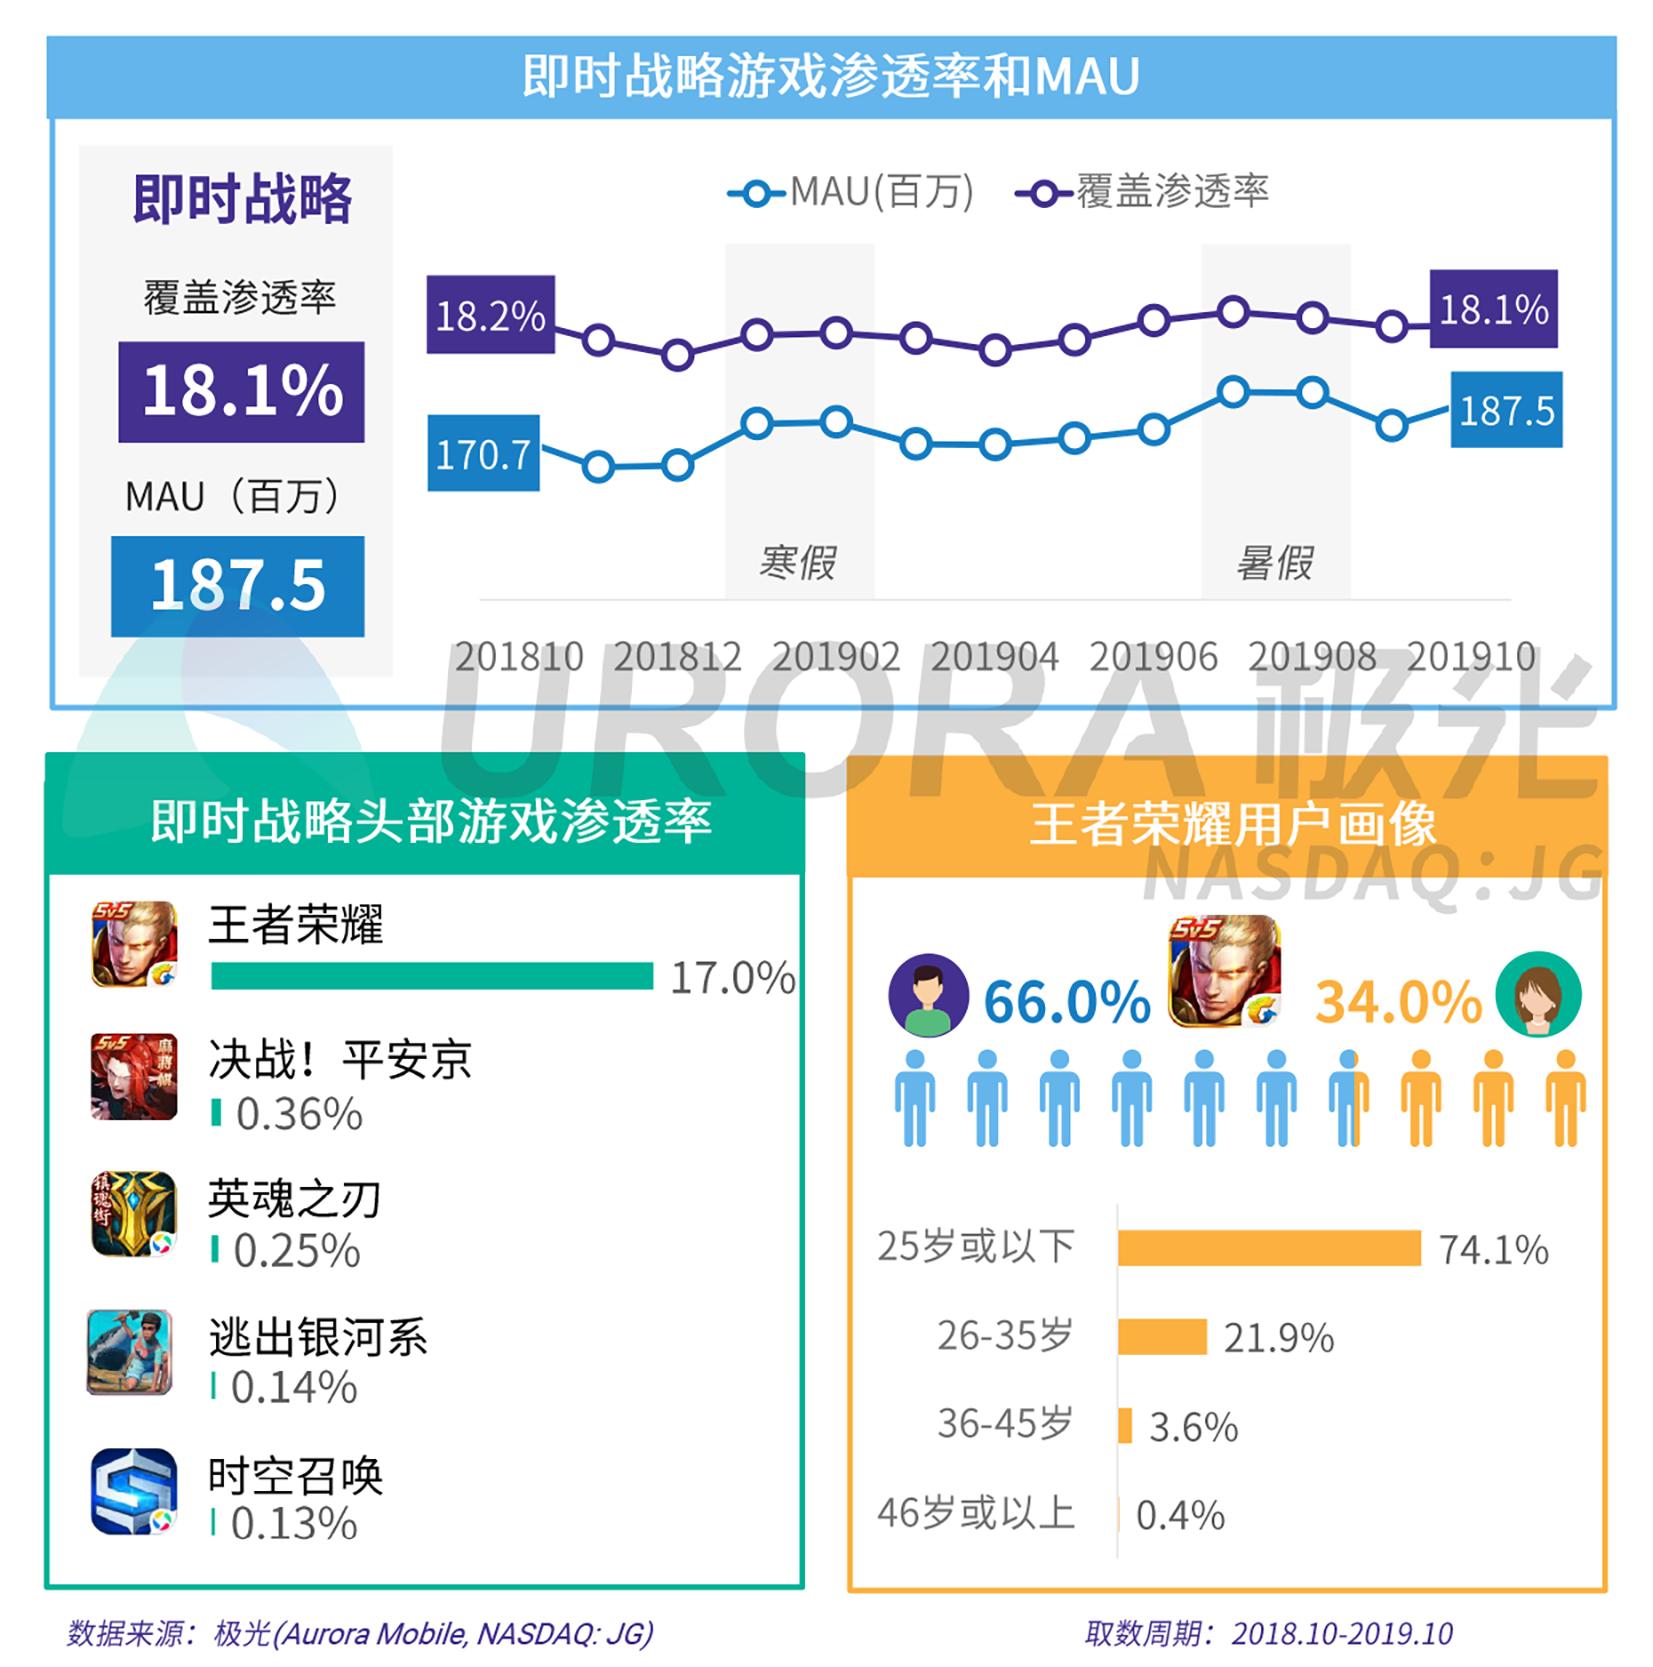 2019年手机游戏研究报告V5-15.png